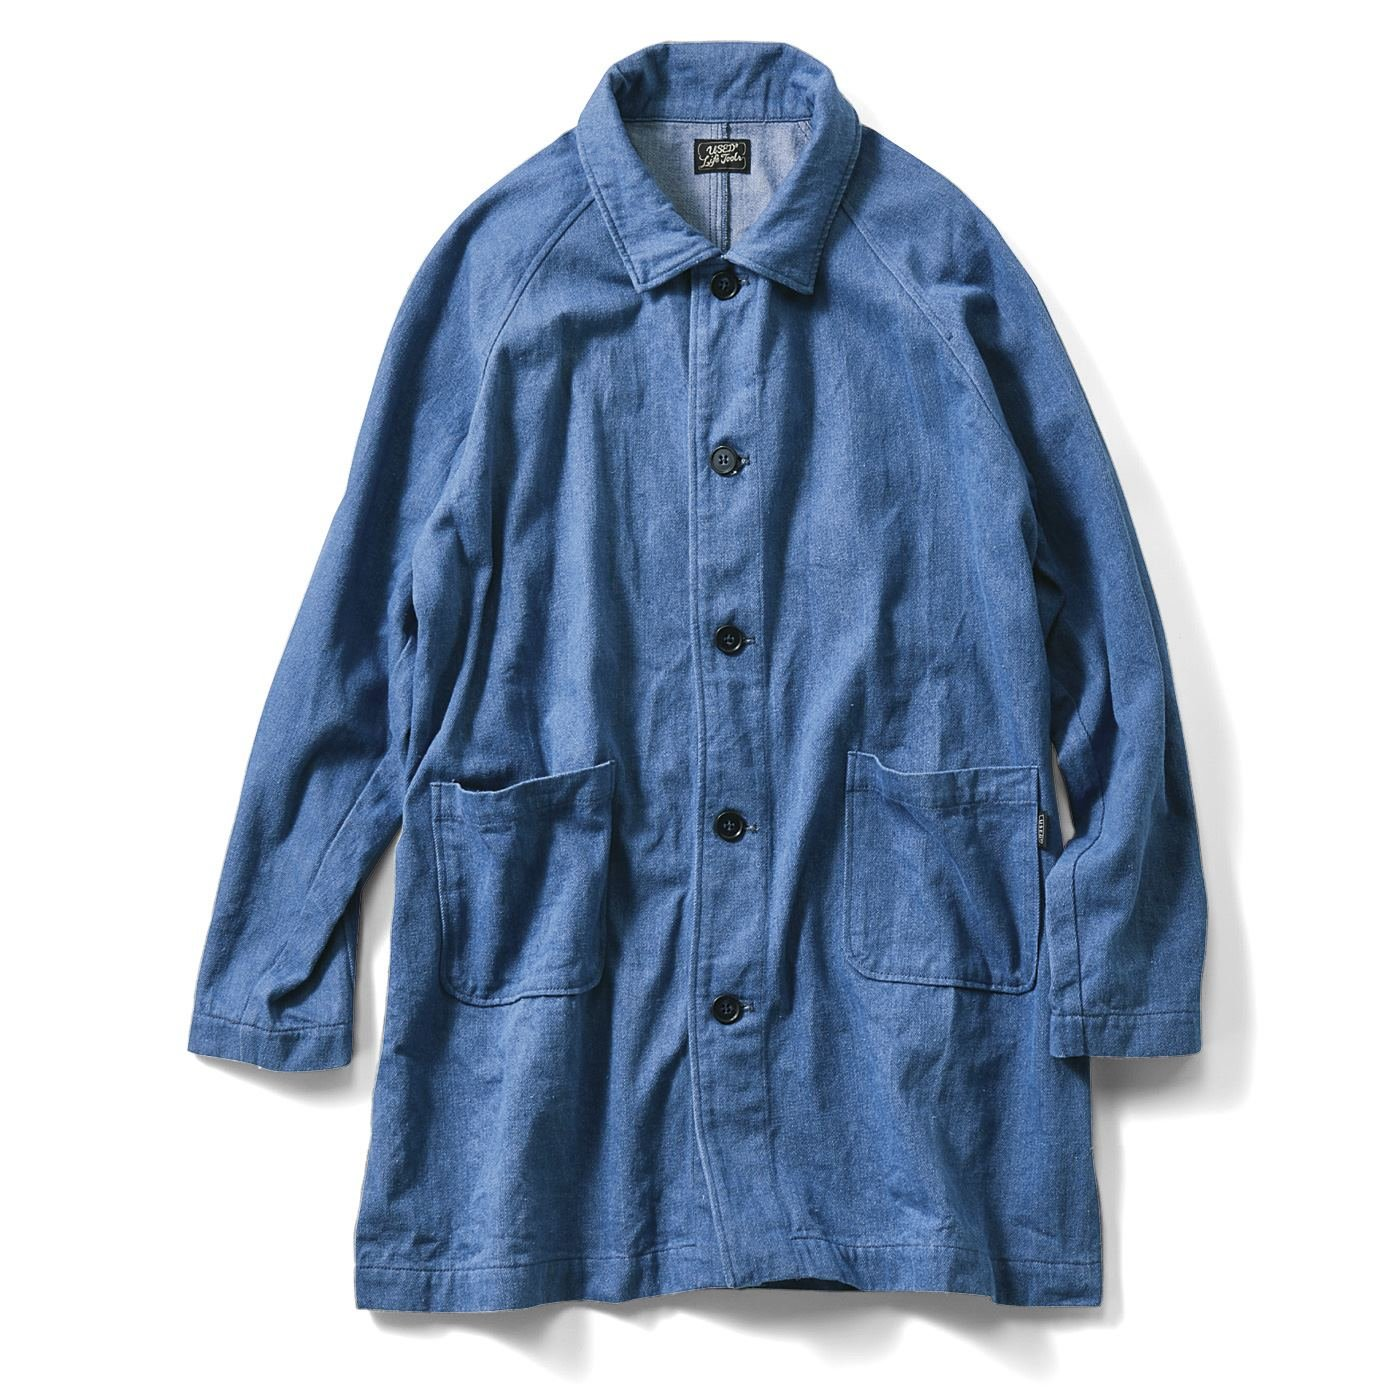 古着屋さんで見つけたようなデニムショップコート〈ライトインディゴブルー〉